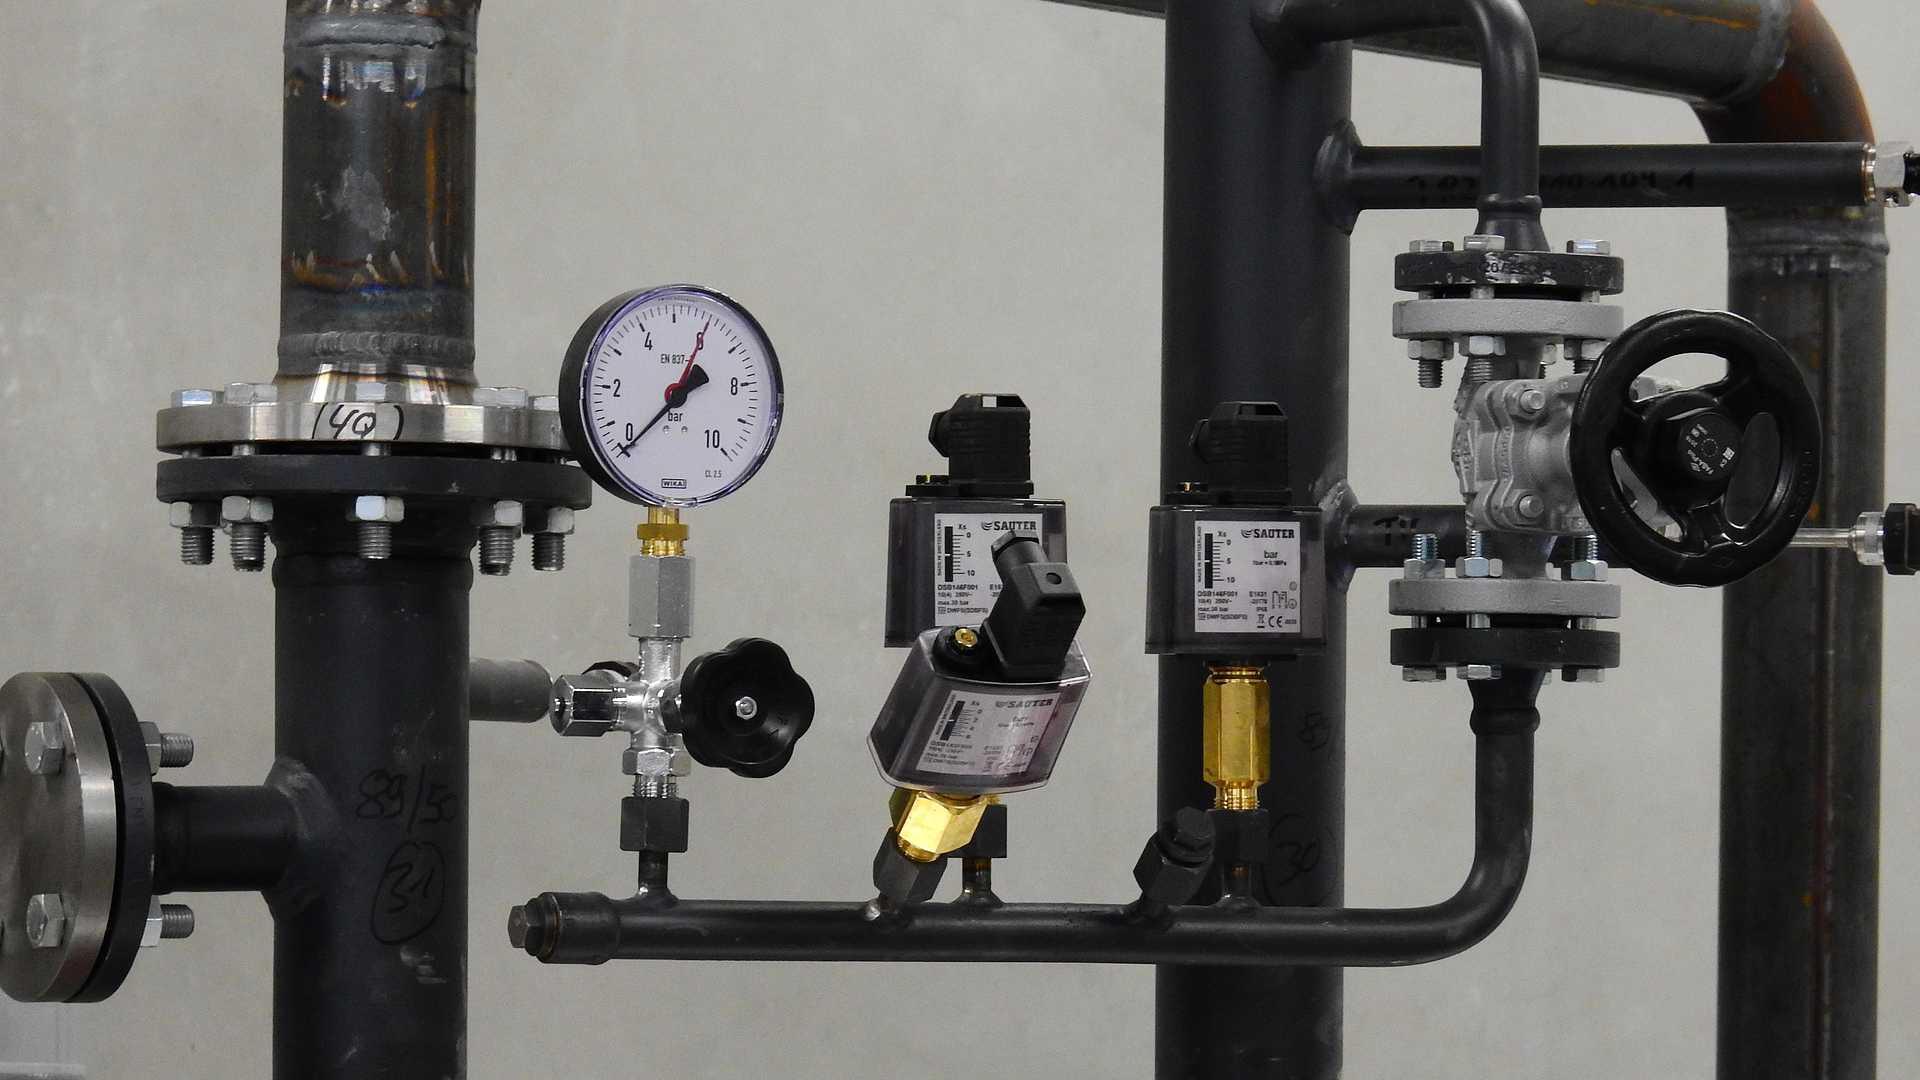 Betere opvolging voor het onderhoud van de verwarmingsketel